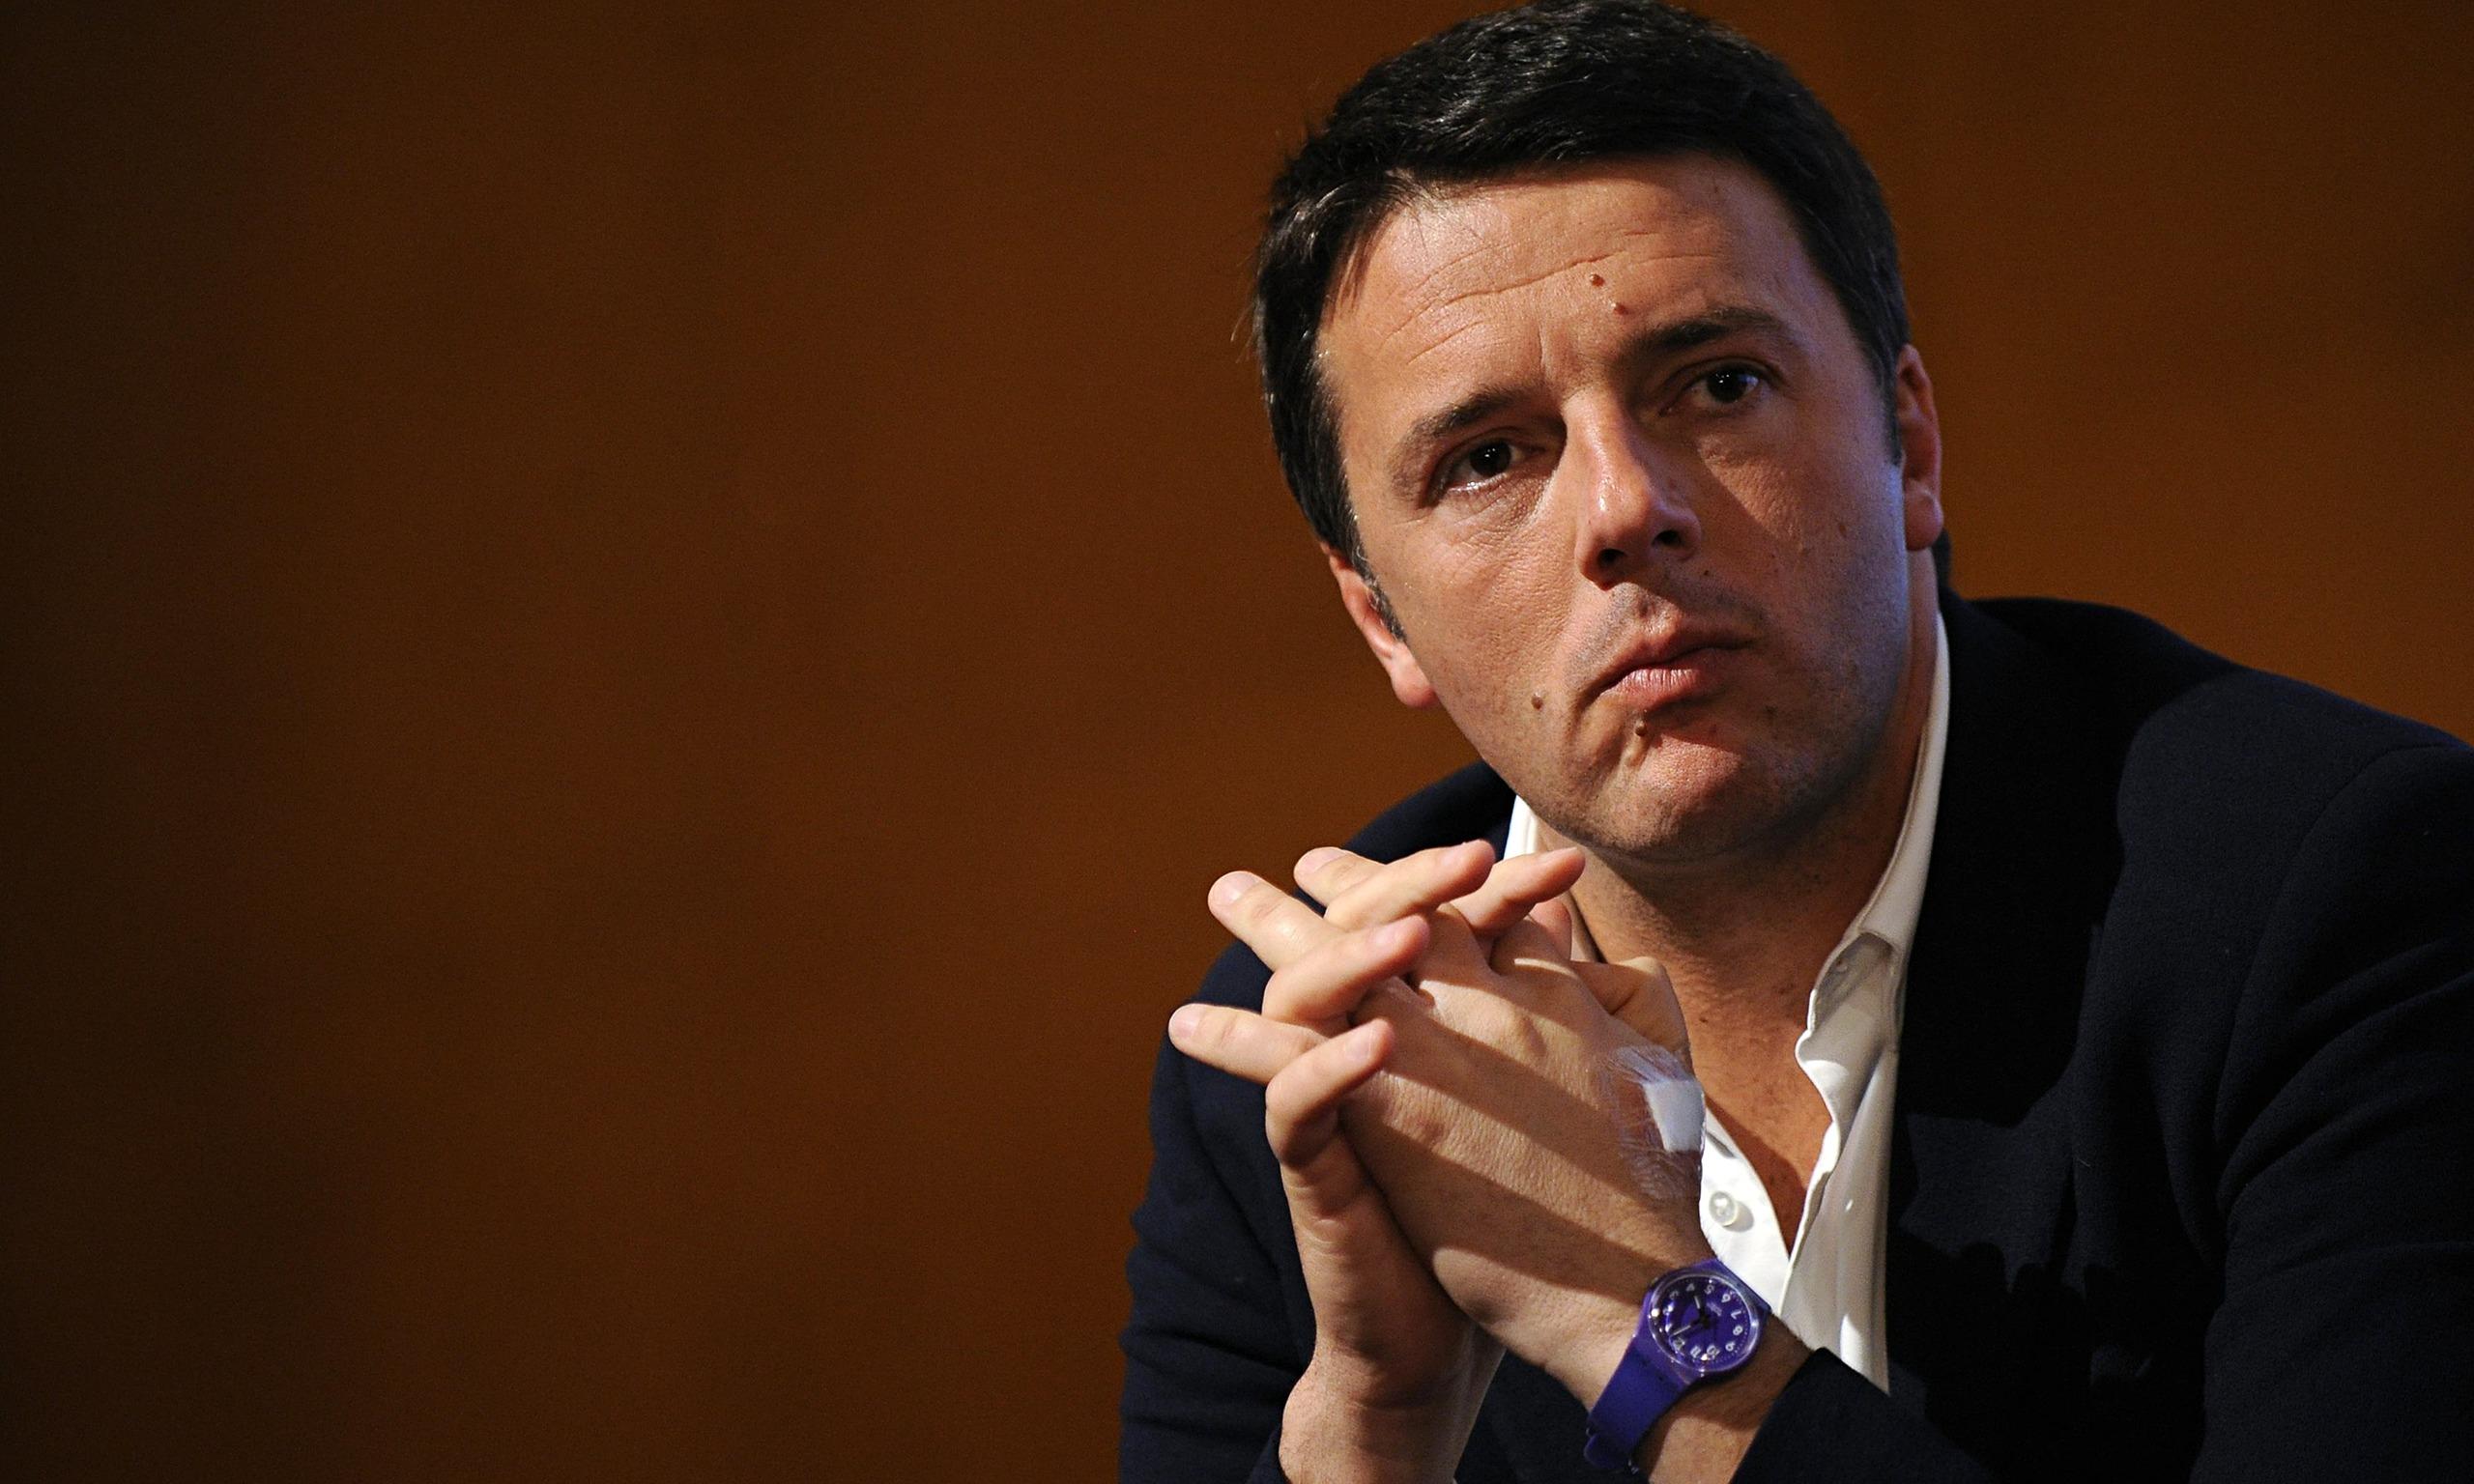 Sparatoria a Secondigliano: annullata la visita di Renzi